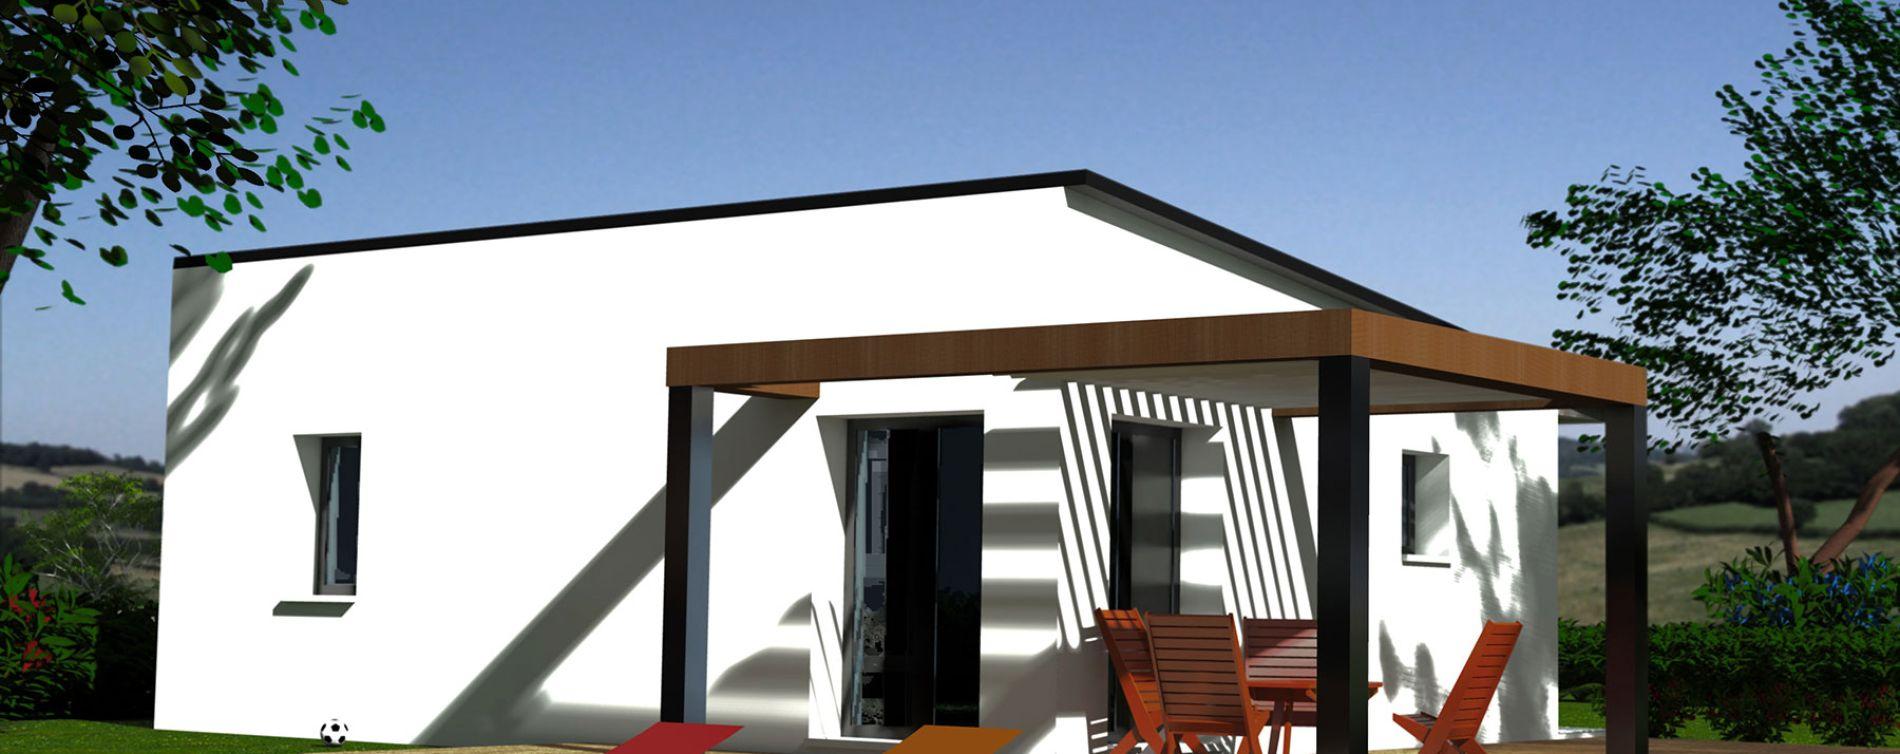 Saint-Pol-de-Léon : programme immobilier neuve « Résidence de la Baie de Carantec » (5)